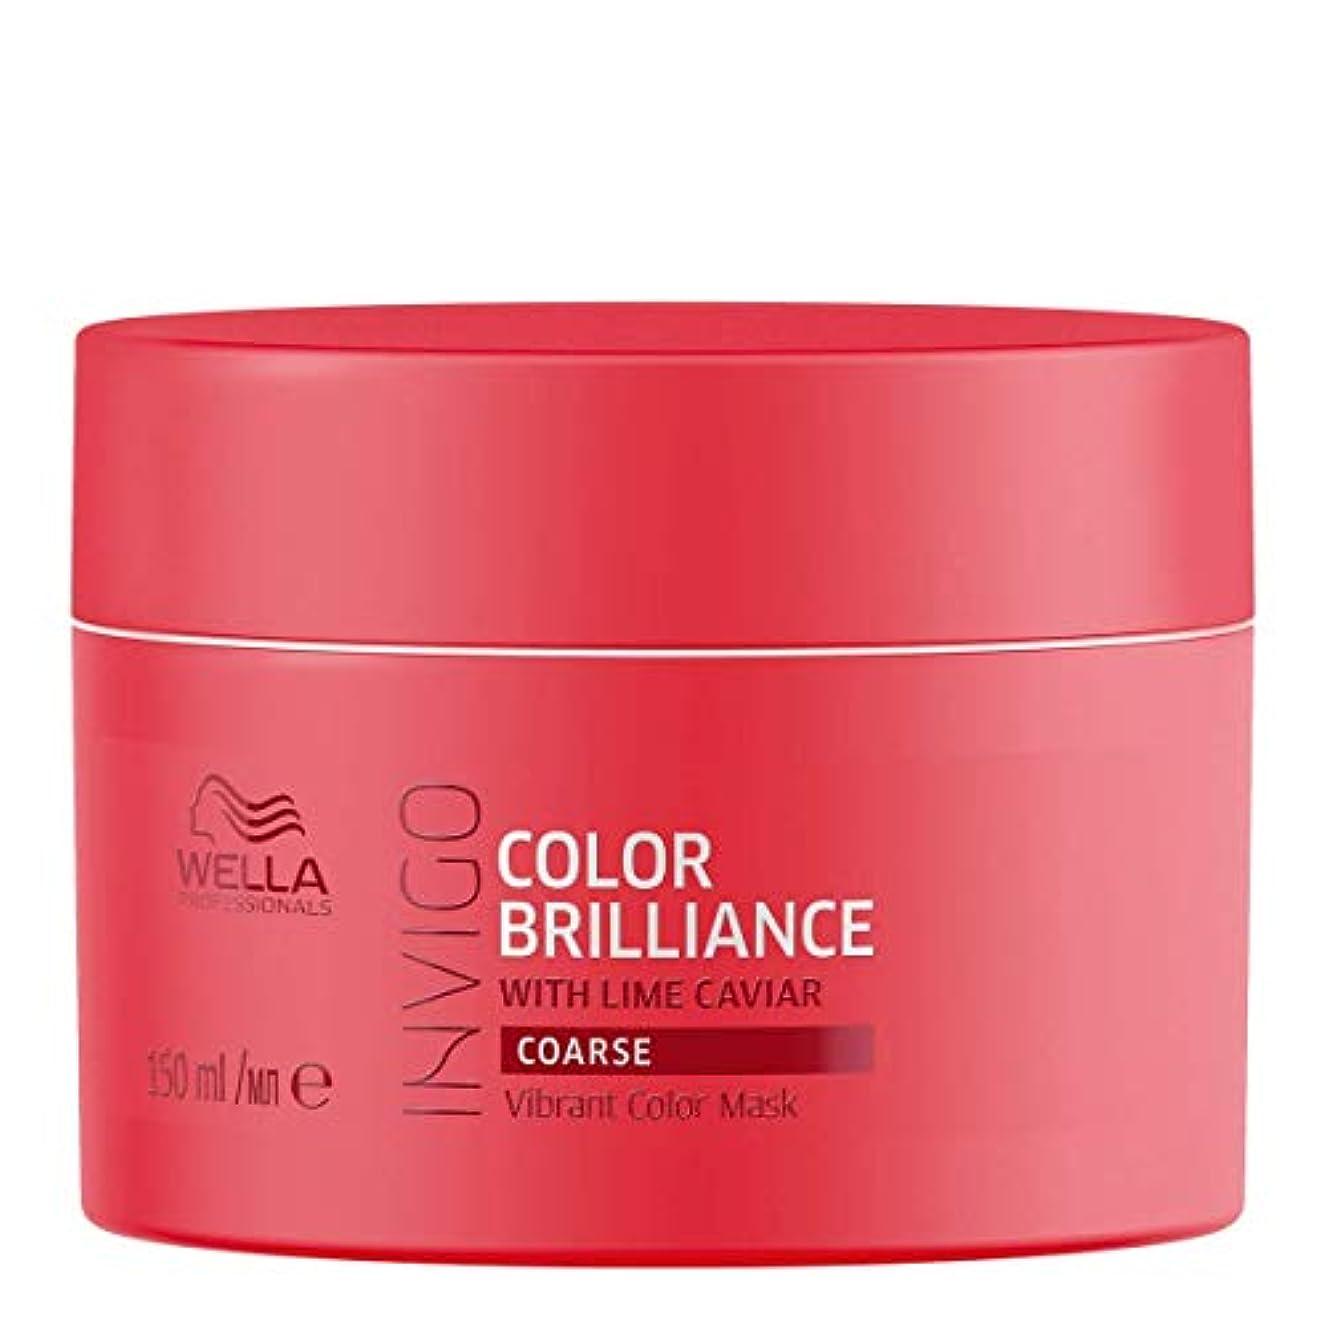 器具銃タイピストウエラ インヴィゴ コース カラー マスク Wella Invigo Color Brilliance With Lime Caviar Coarse Vibrant Color Mask 150 ml [並行輸入品]